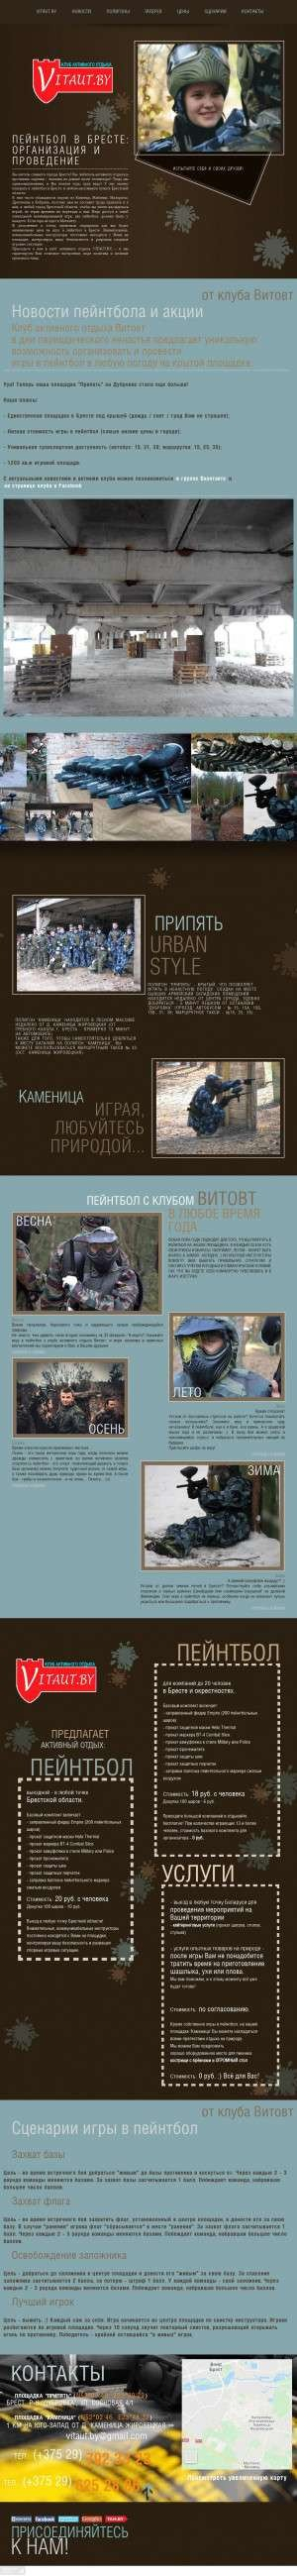 Предпросмотр для vitaut.by — Пейнтбольная площадка Припять клуба Витовт